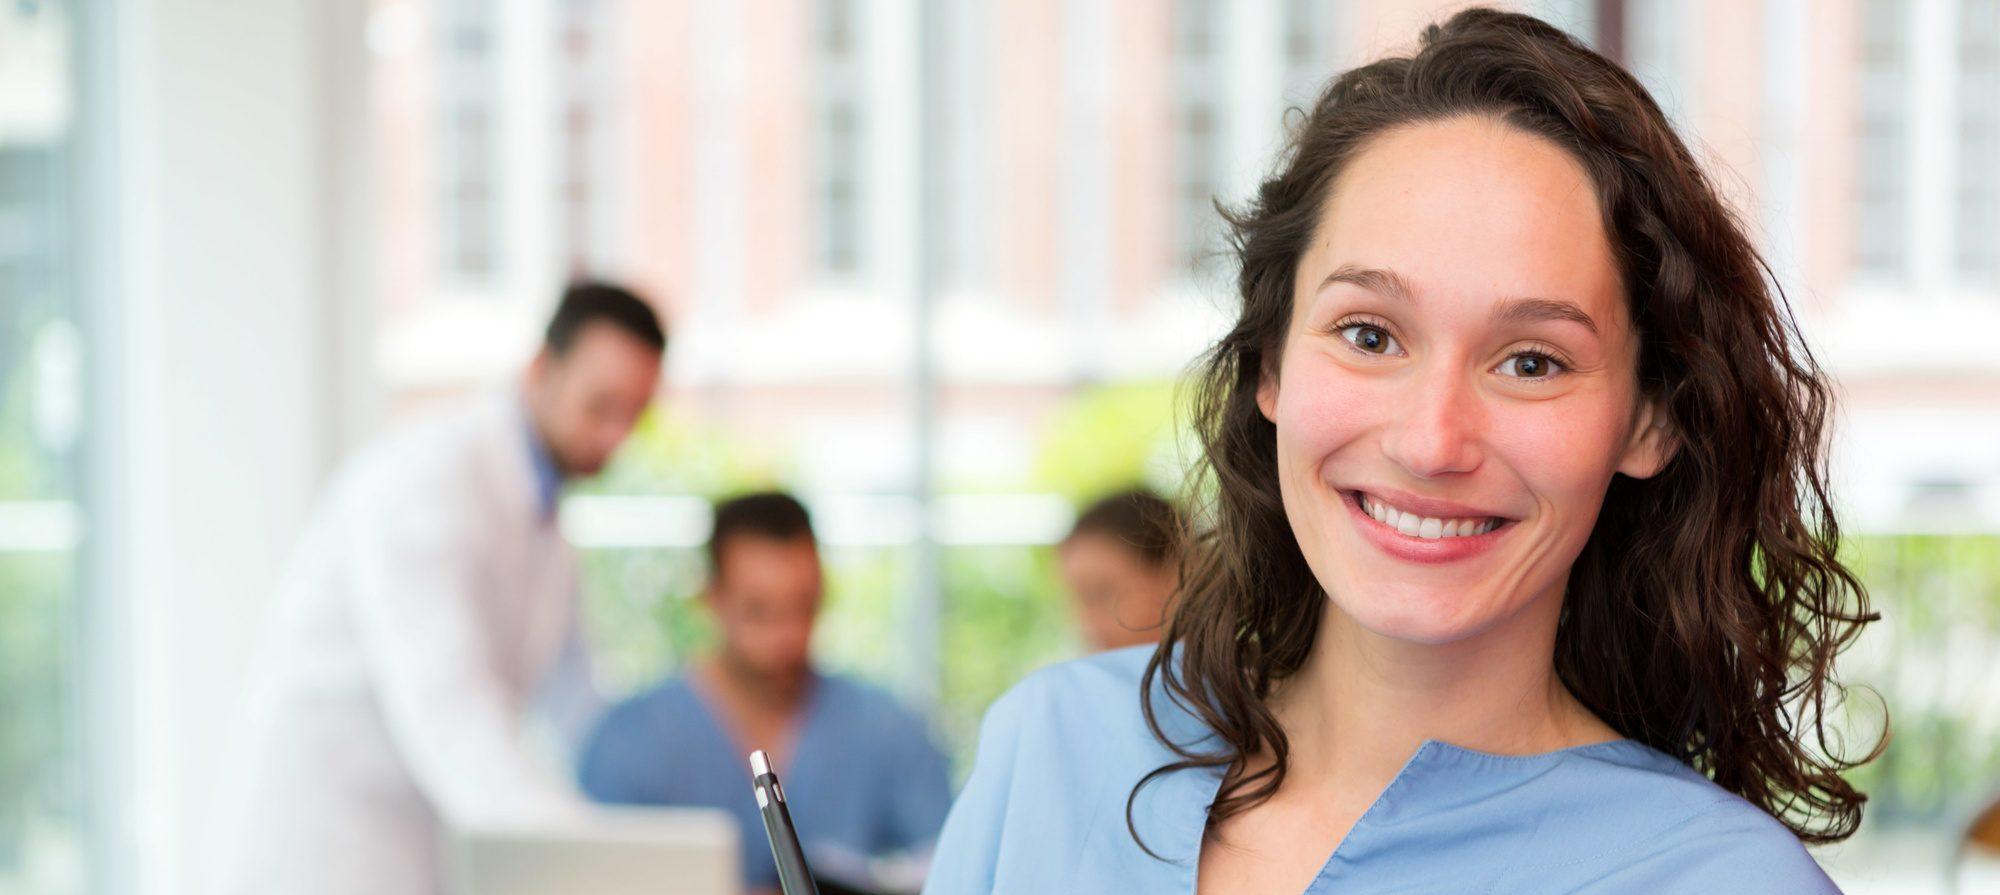 Healthcare-job-opportunites-Quadrant